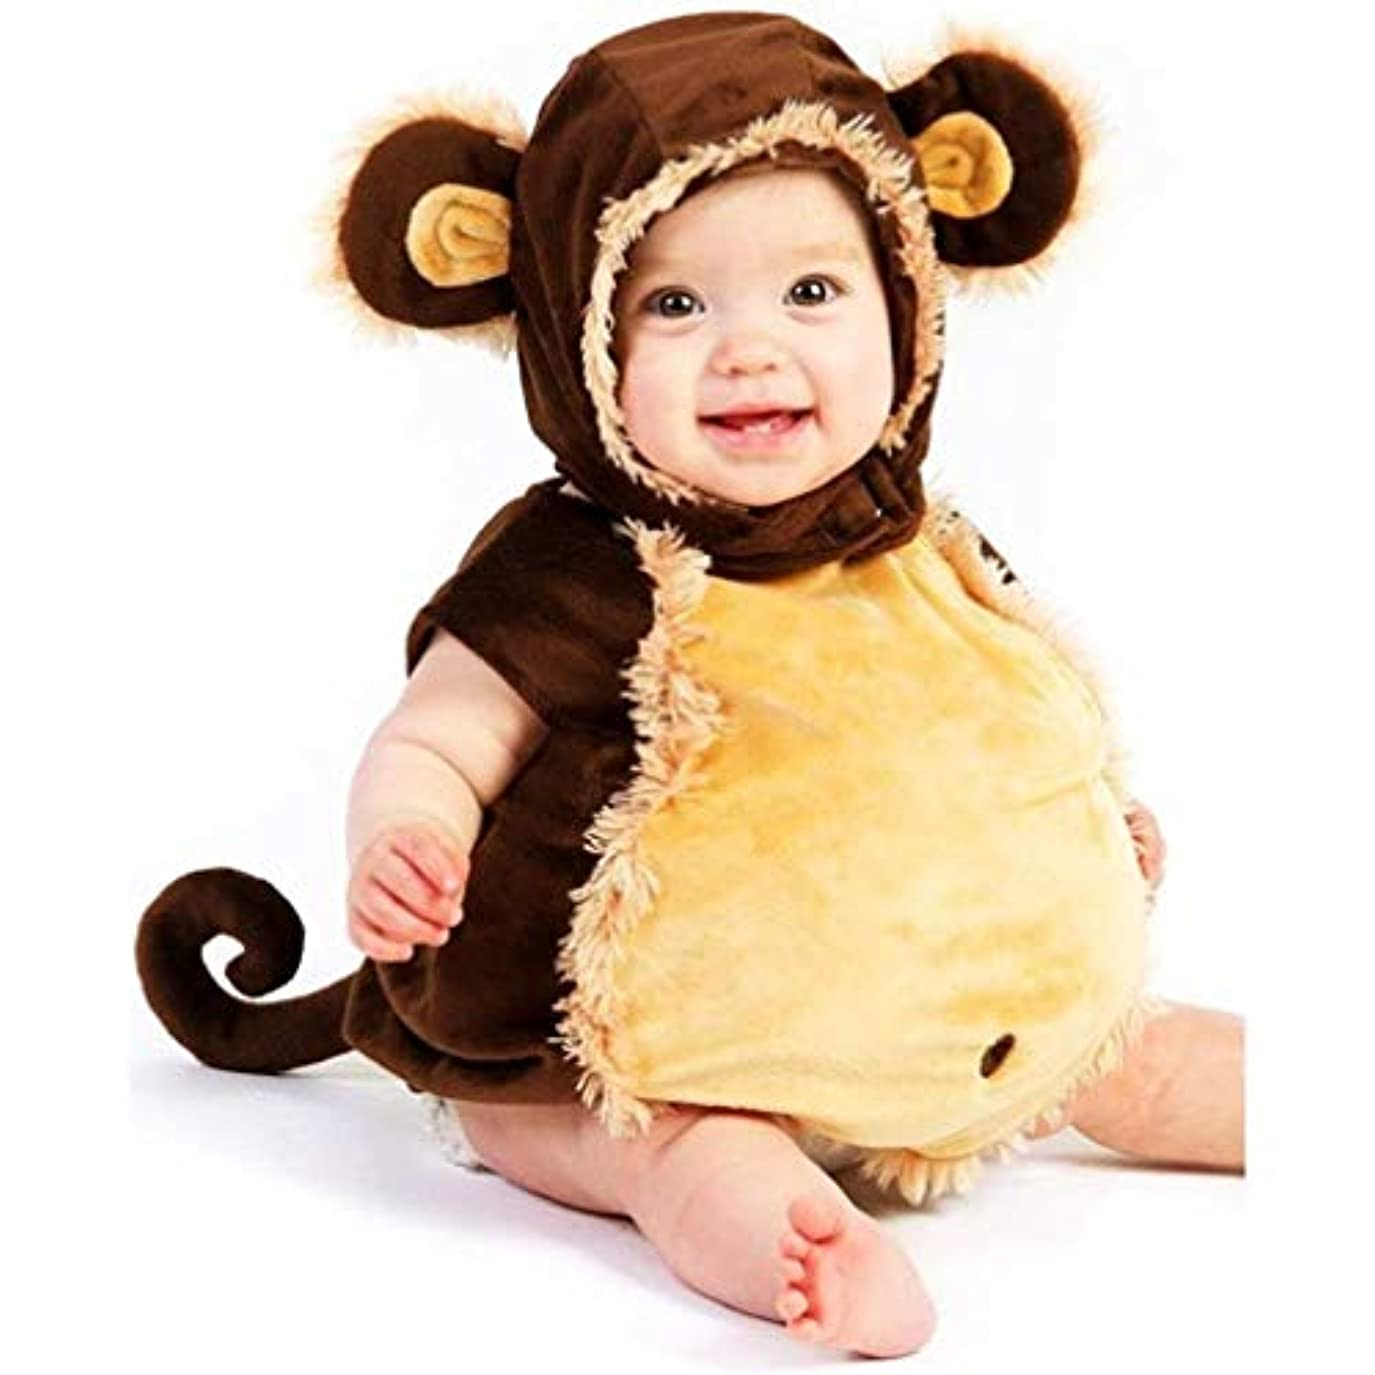 スクラップイディオム受ける【Abz Company】 猿 乳児 幼児 赤ちゃん ハロウィン コスチューム いたずら 好き ふわふわ 着ぐるみ おくるみ パジャマ サイズ 18 Months / 2T